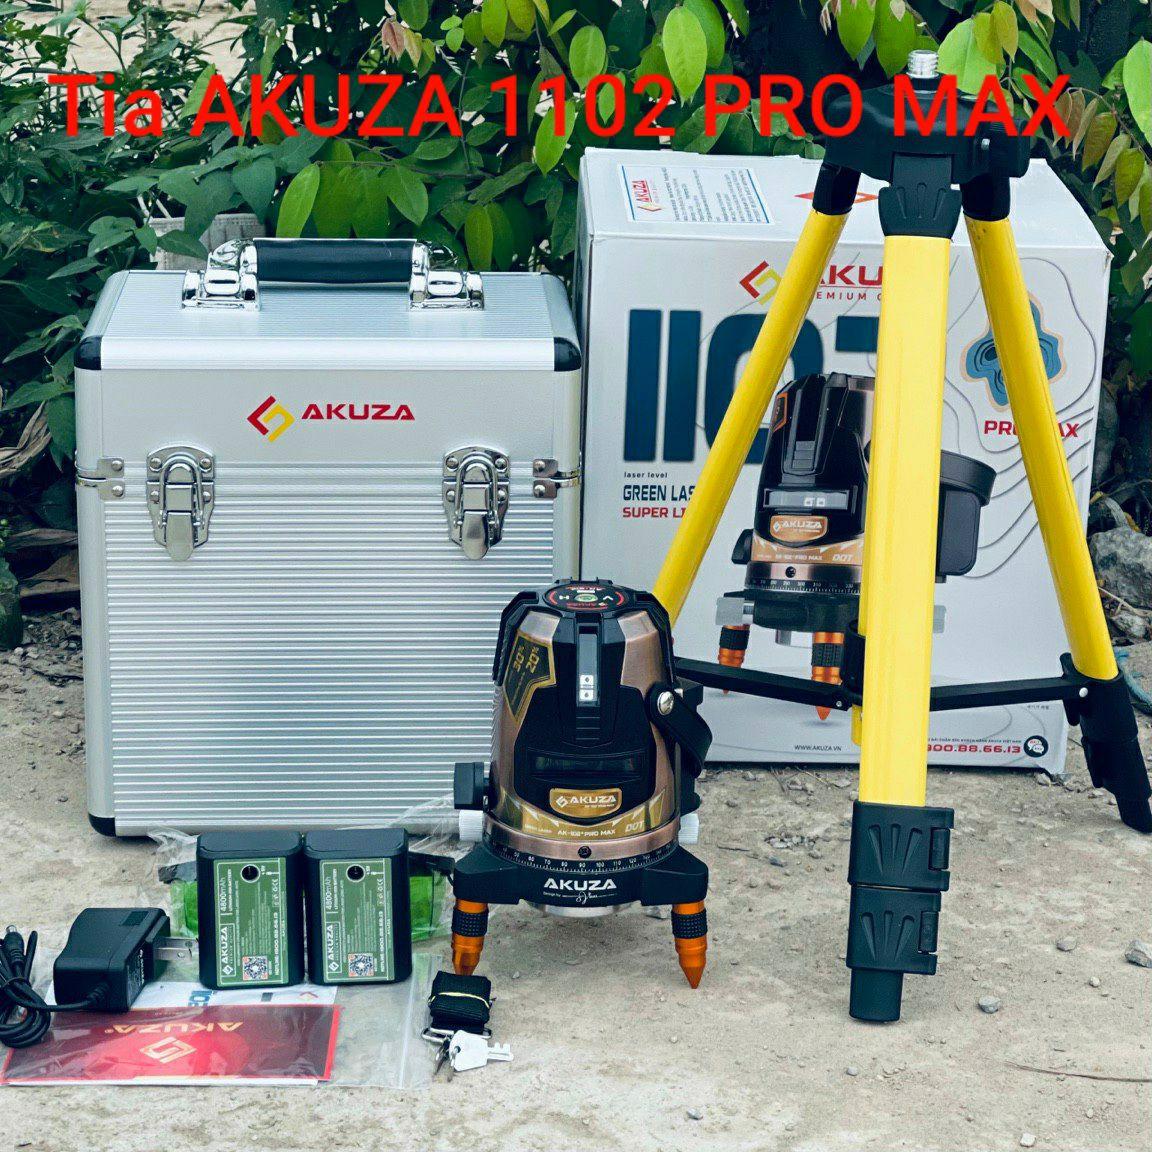 Tia AKUZA1102 PRO MAX